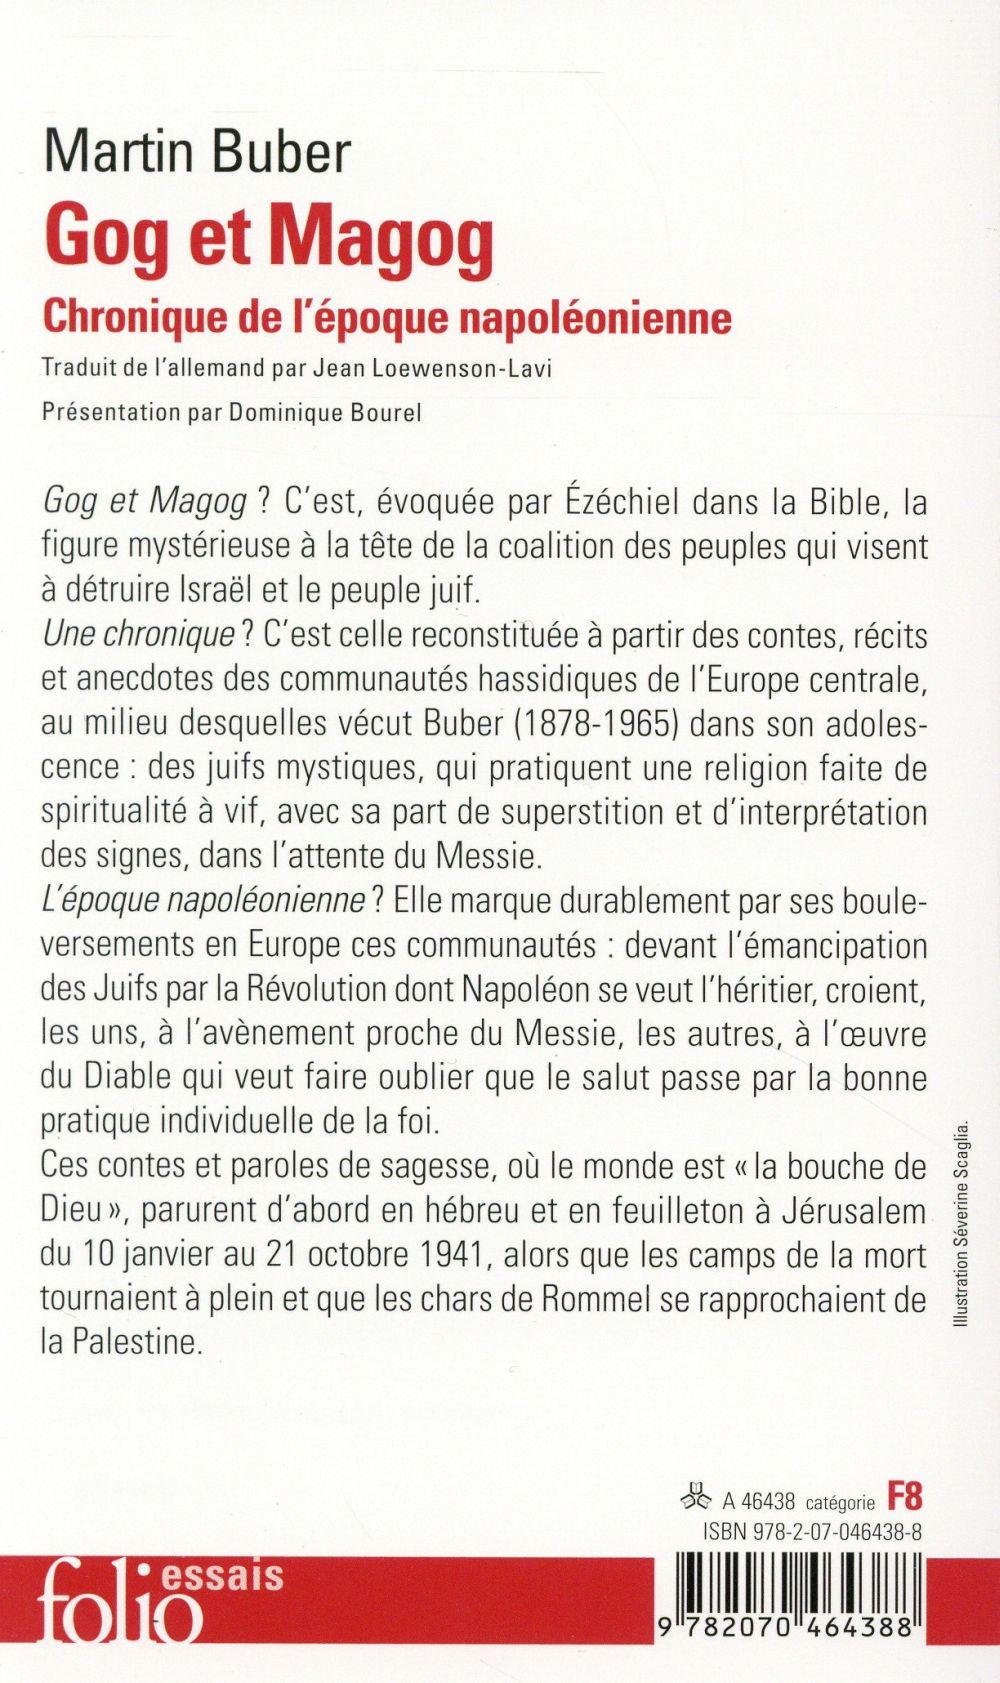 Gog et Magog ; chronique de l'époque napoléonienne